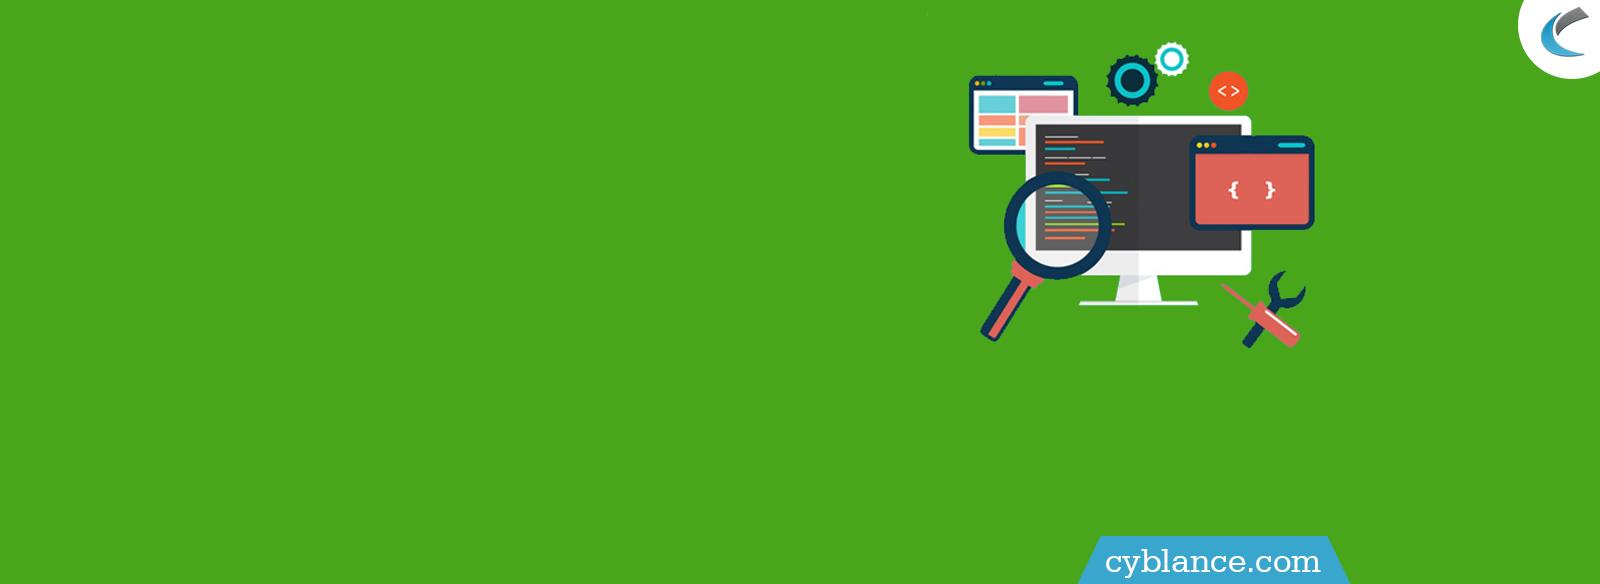 Best Offline Web Development Tools